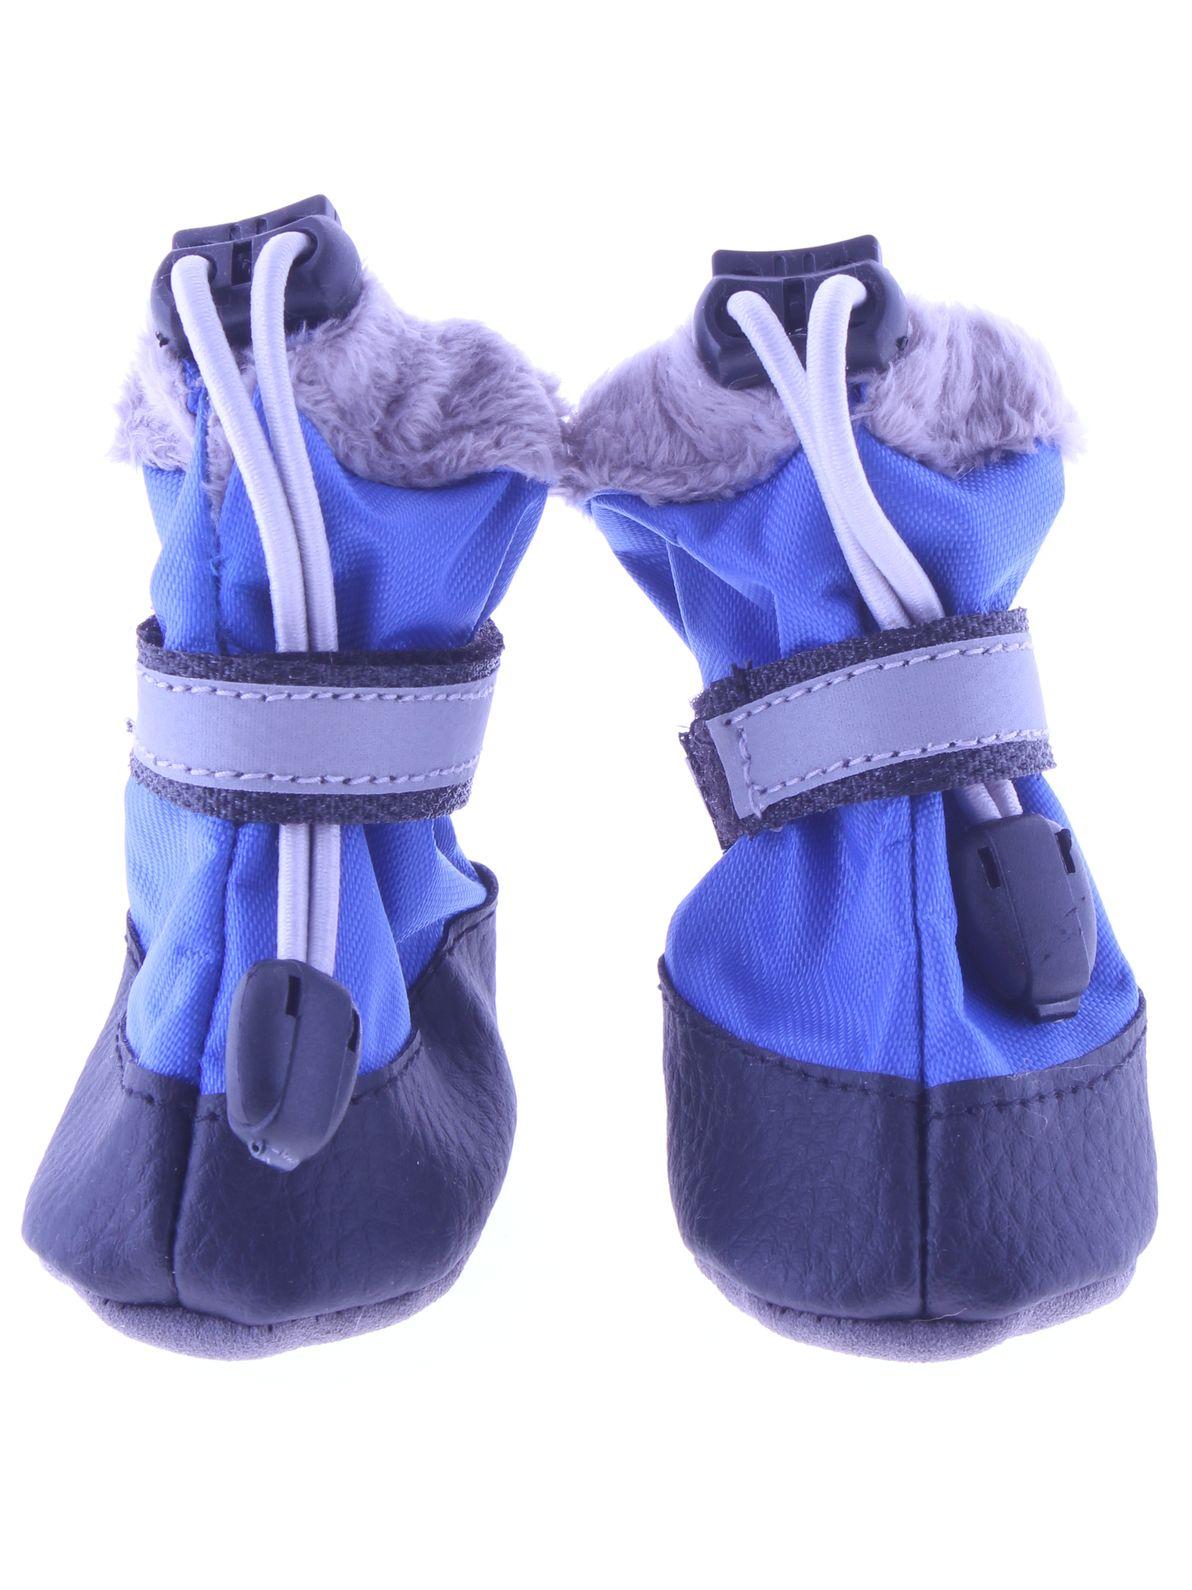 Обувь для животных ЗООМАНИЯ 74269367502927426936750292Обувь(пара) для собак, размер (S) 6,5*4,5*h10см